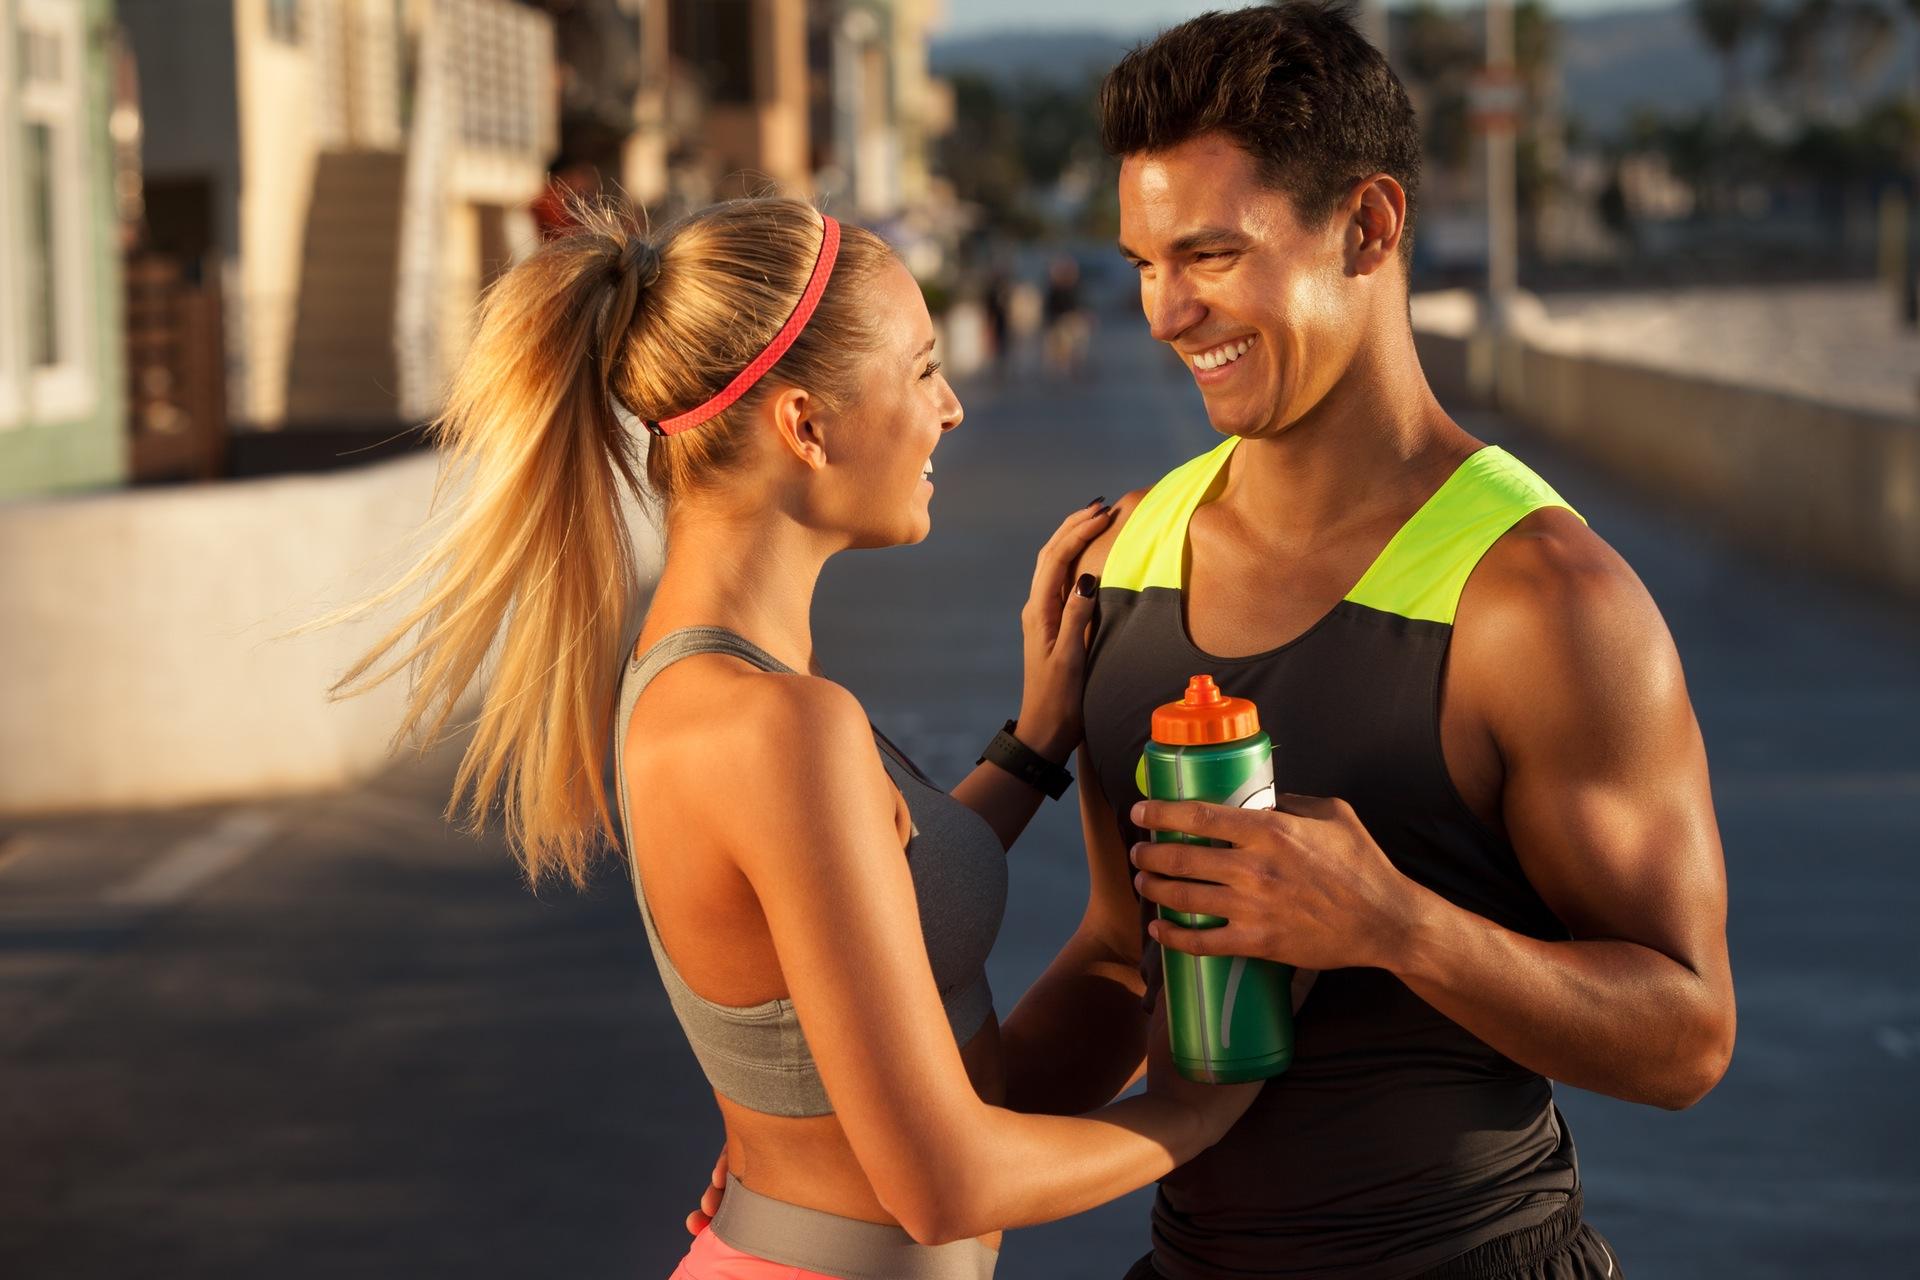 Mann und Frau haben Spaß während des Laufens, wollen schnell abnehmen